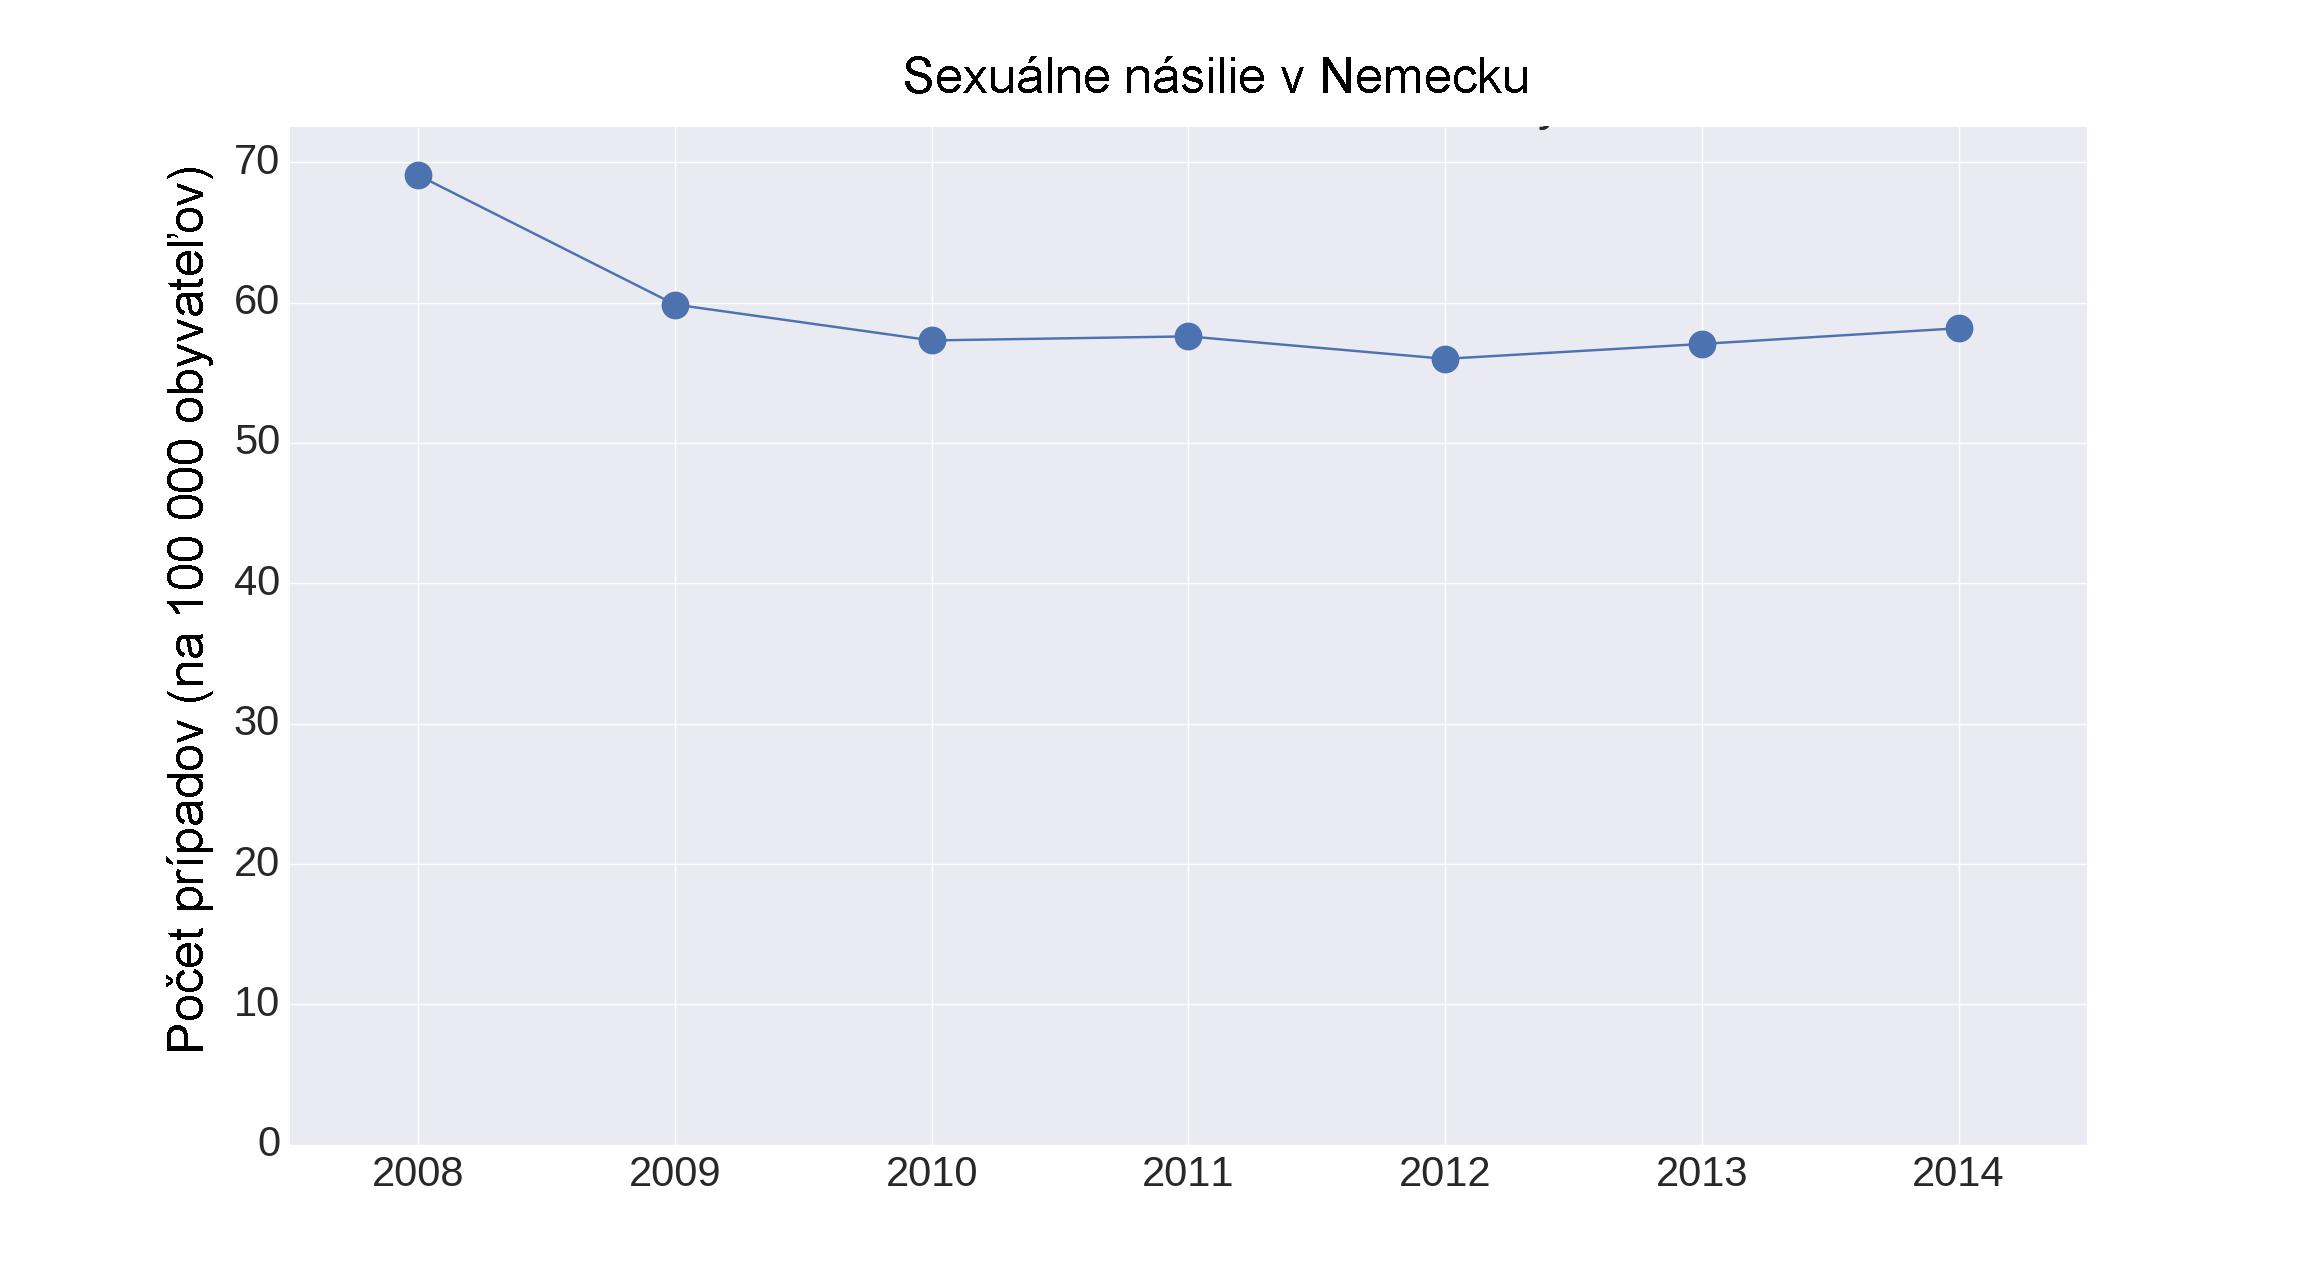 sk_sexual_violence_de